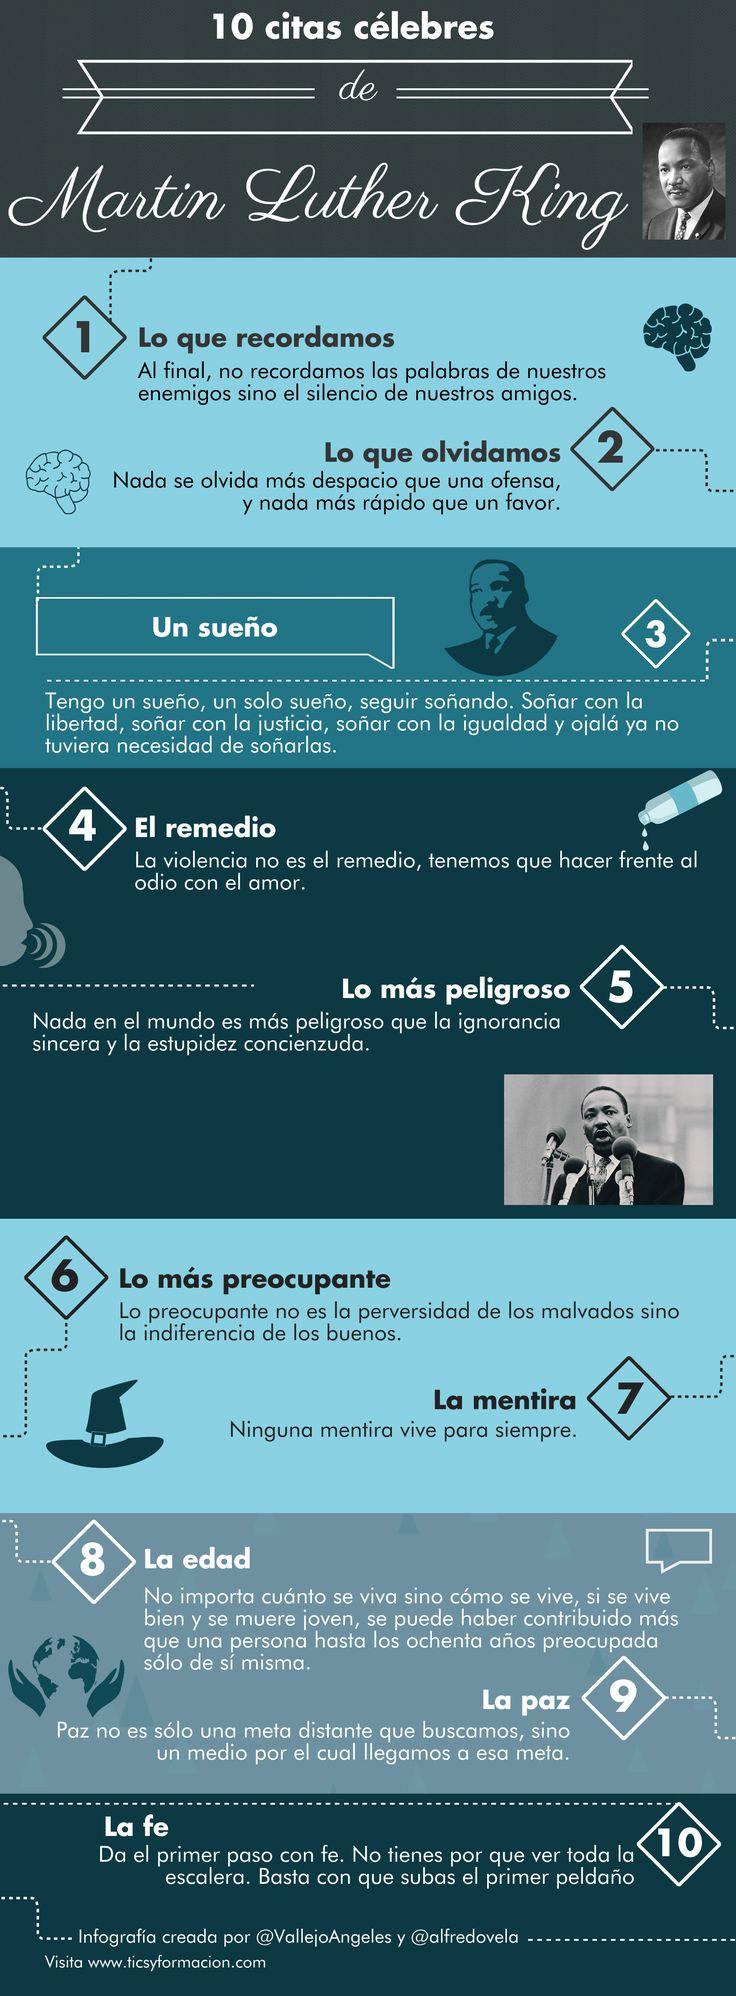 10 citas célebres de Martin Luther King. #infografia @rubendelaosa http://about.me/rubendelaosa